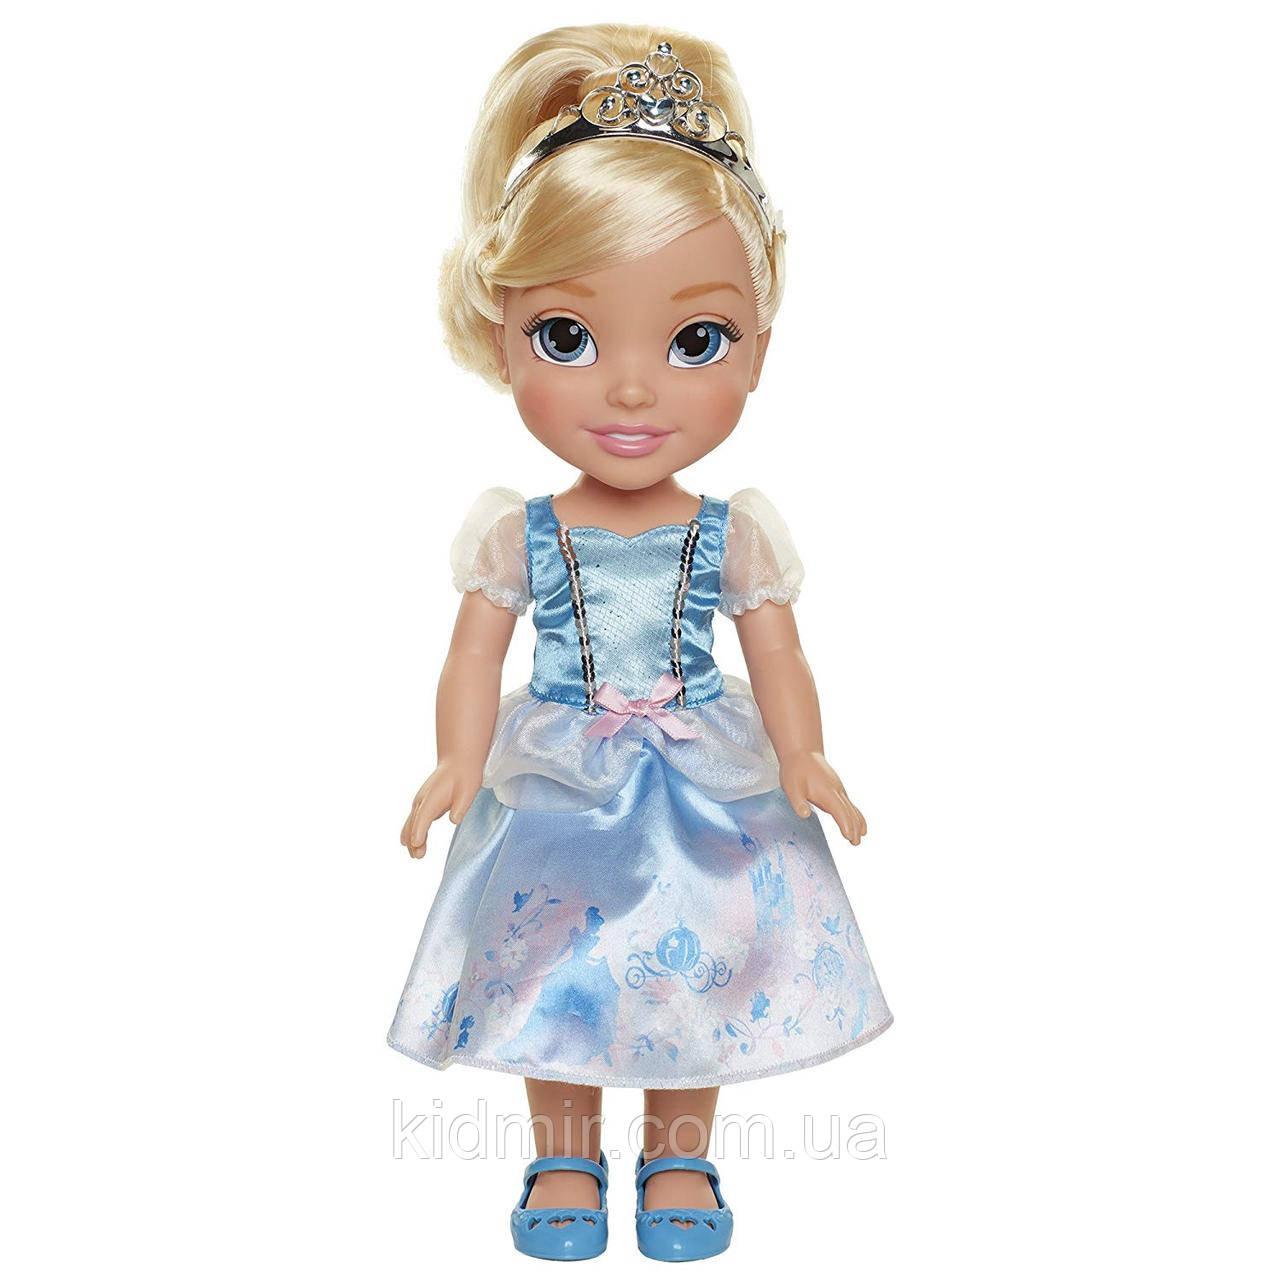 Принцесса Дисней Золушка Кукла малышка Jakks Pacific 78848